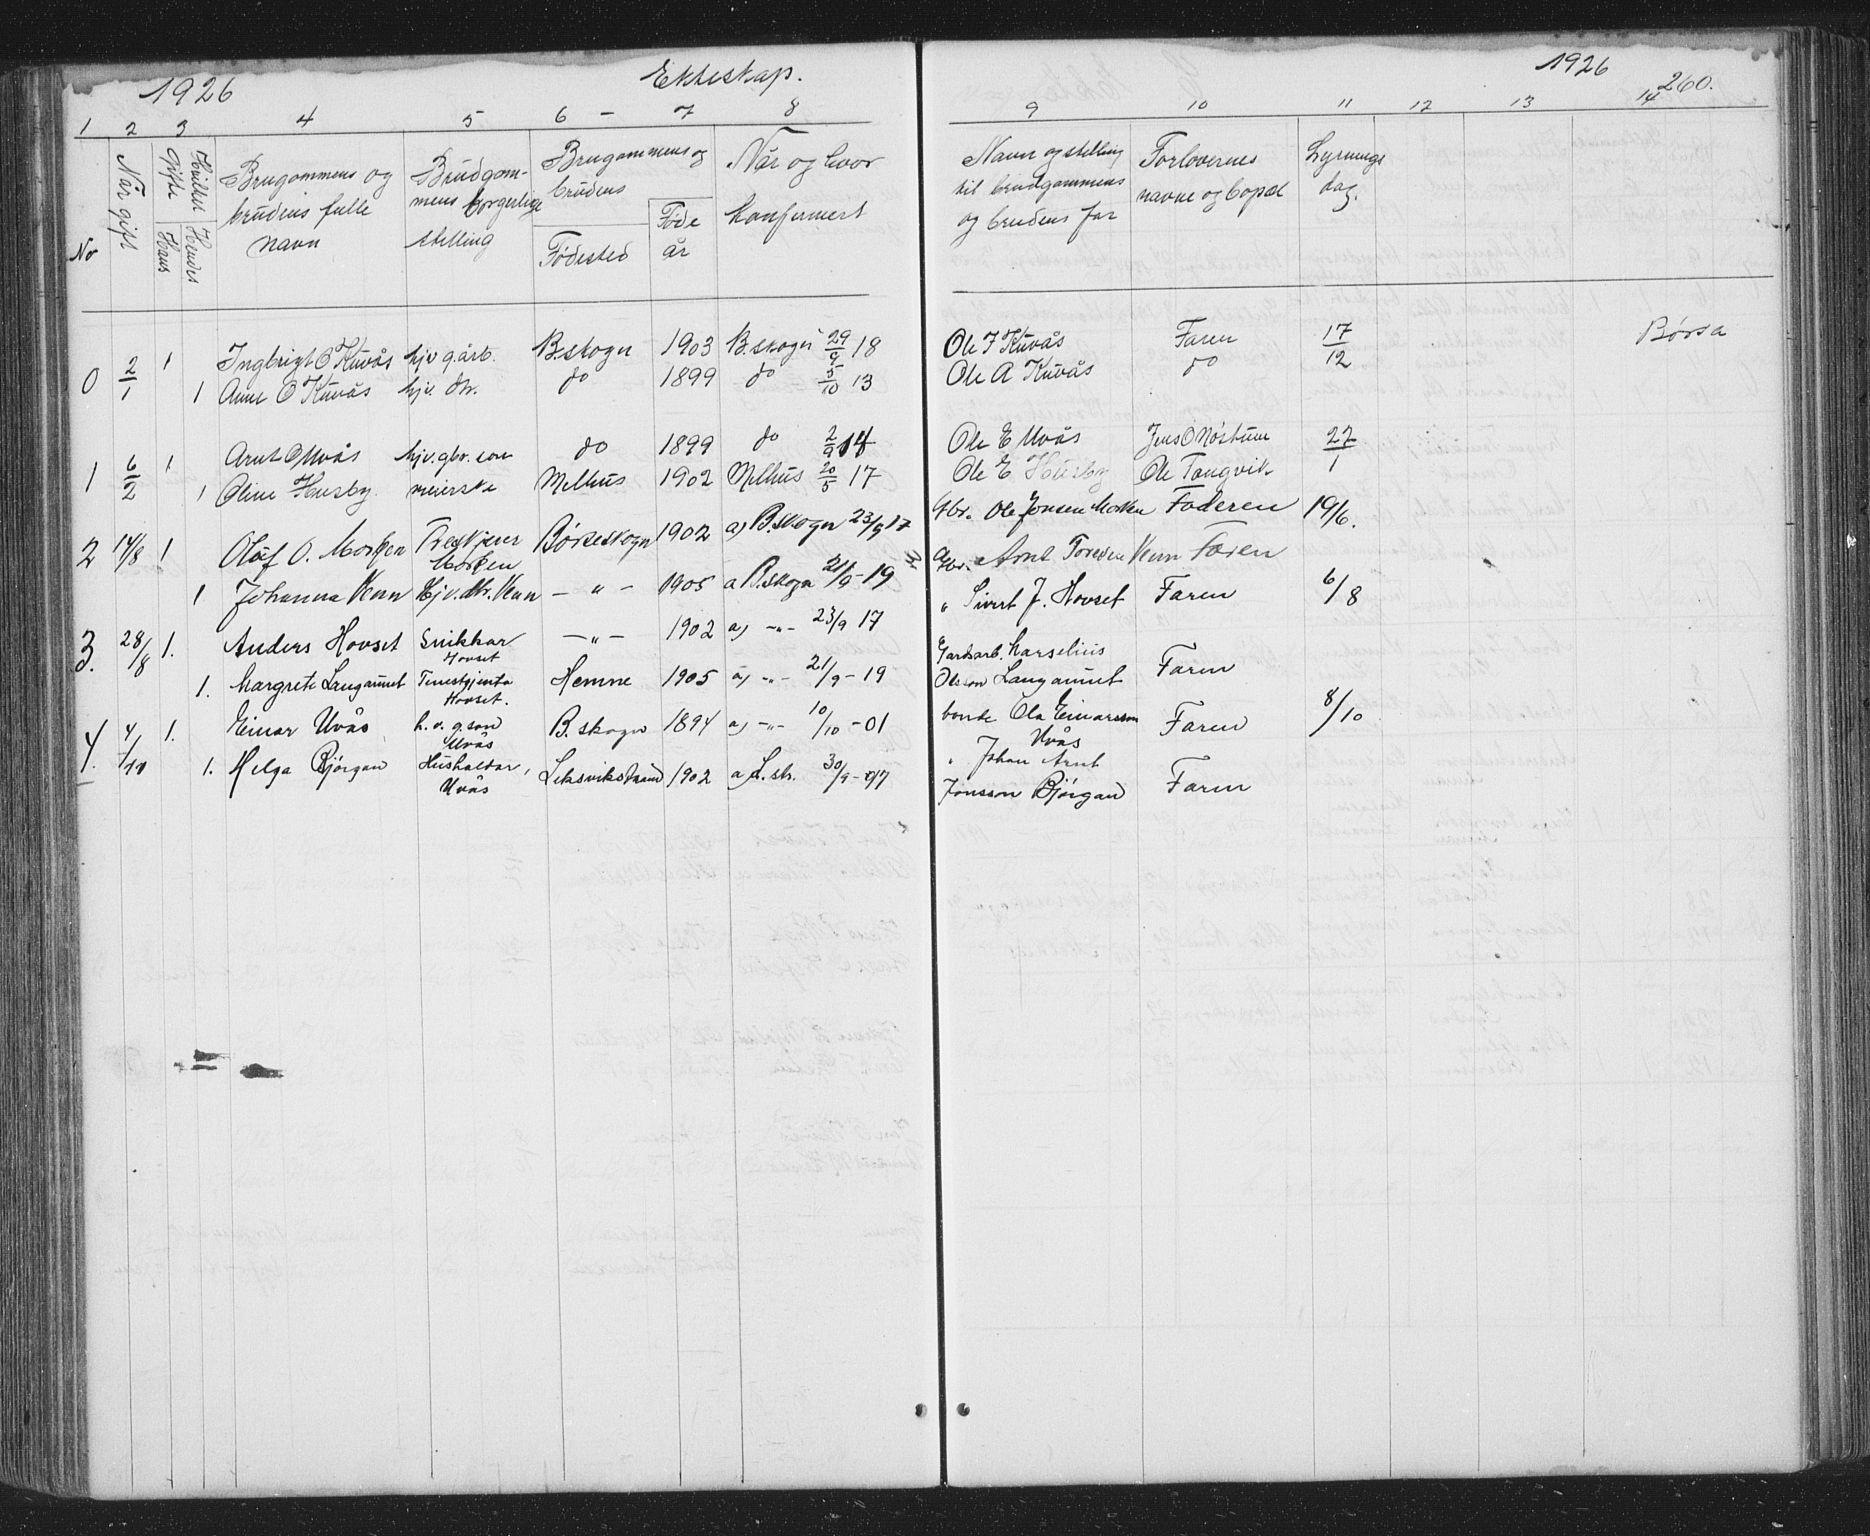 SAT, Ministerialprotokoller, klokkerbøker og fødselsregistre - Sør-Trøndelag, 667/L0798: Klokkerbok nr. 667C03, 1867-1929, s. 260